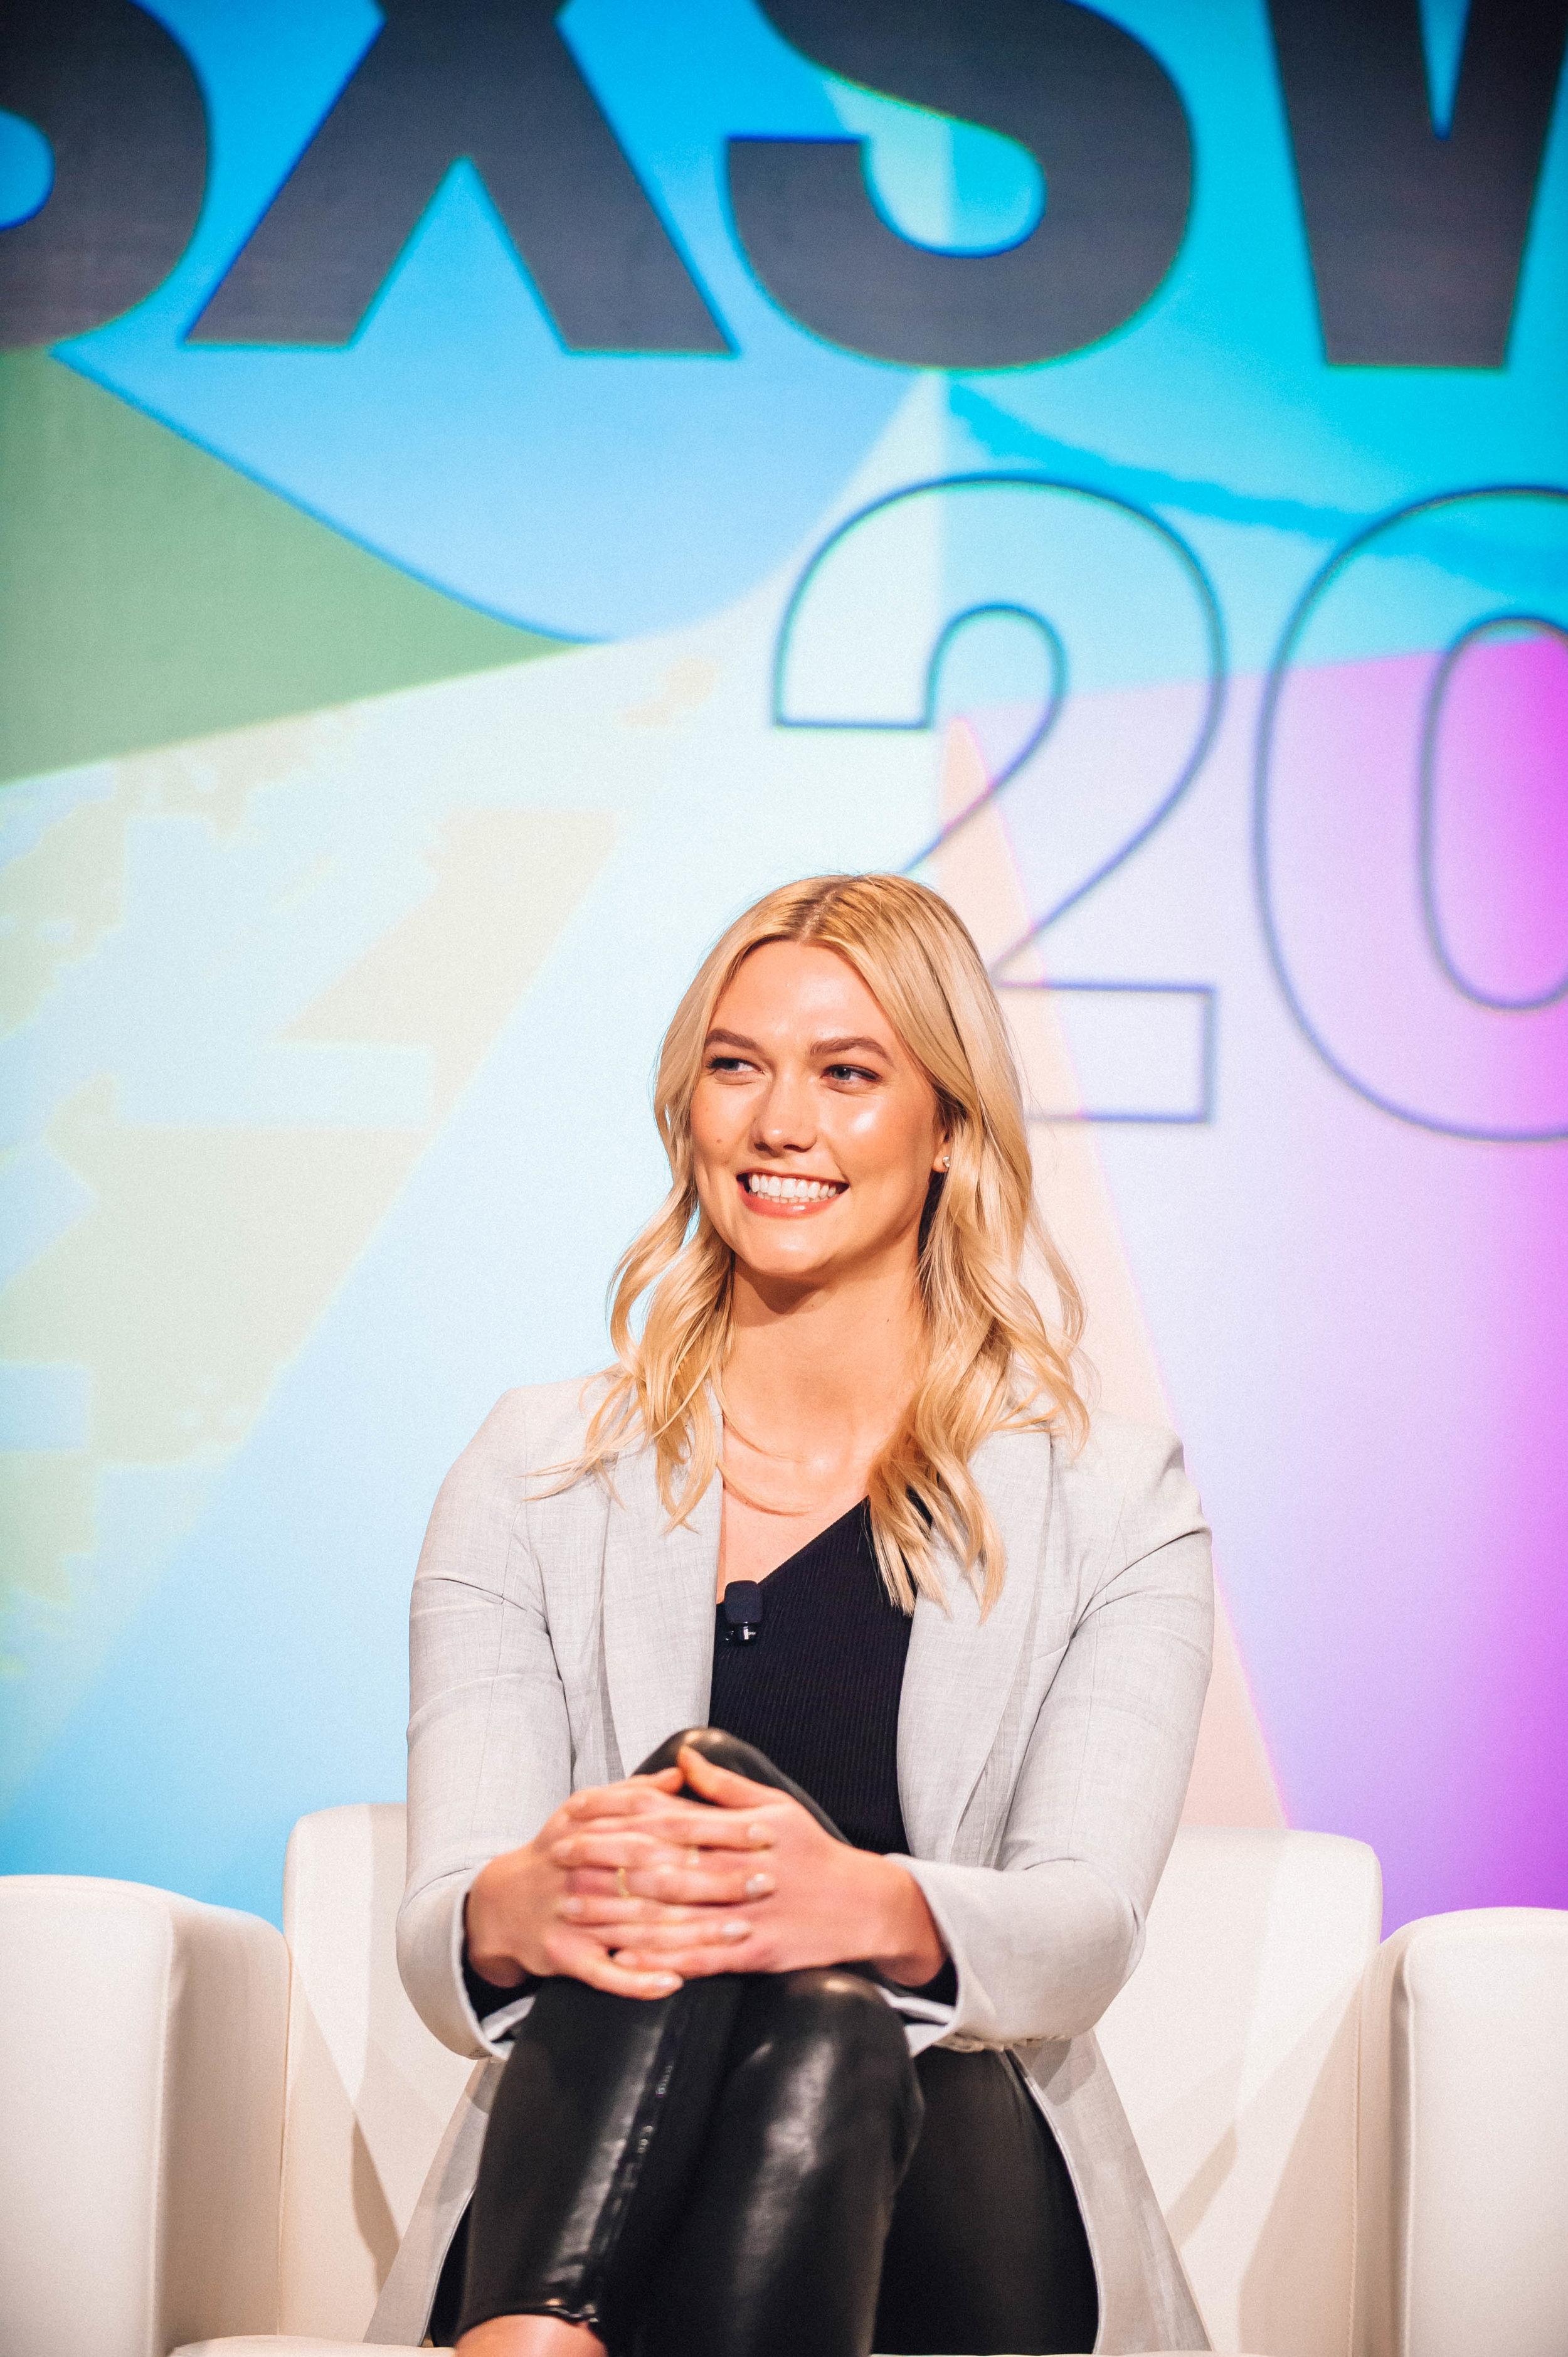 Karlie Kloss at SXSW 2018 | Jordan Hefler